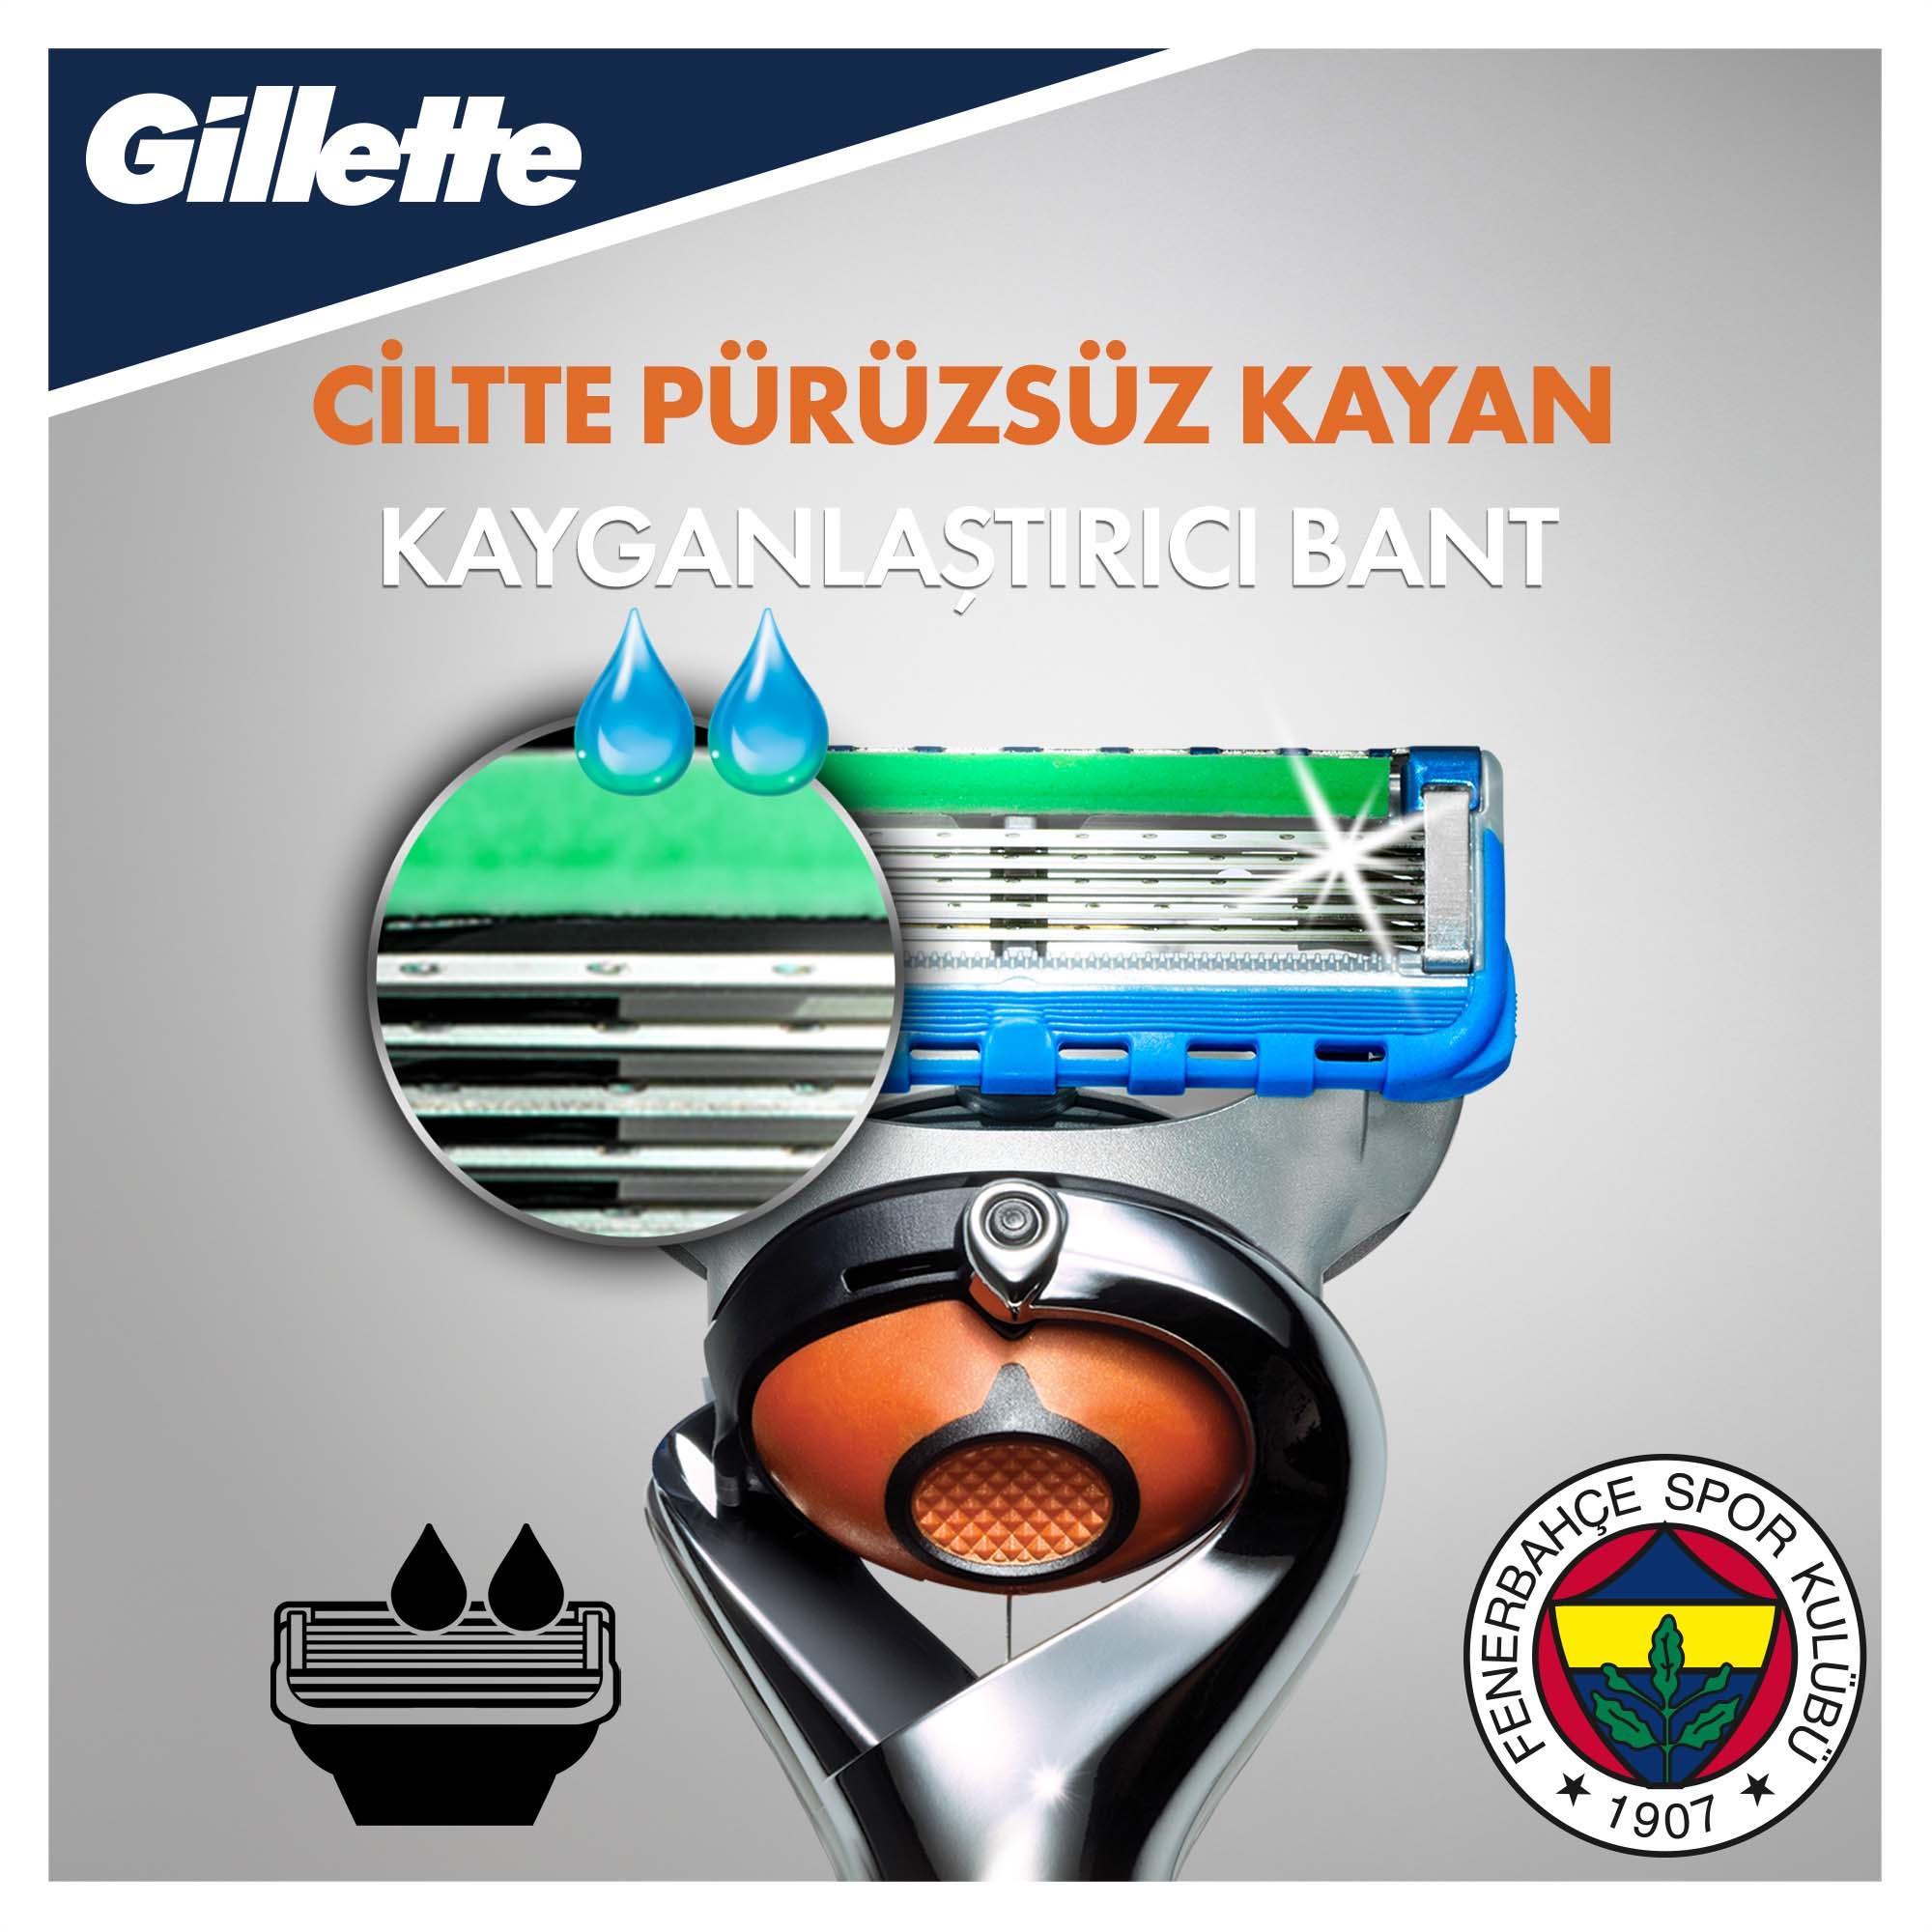 Fusion Proglide Tıraş Makinesi + 4'lü Yedek Başlık Fenerbahçe Özel Seri - Thumbnail